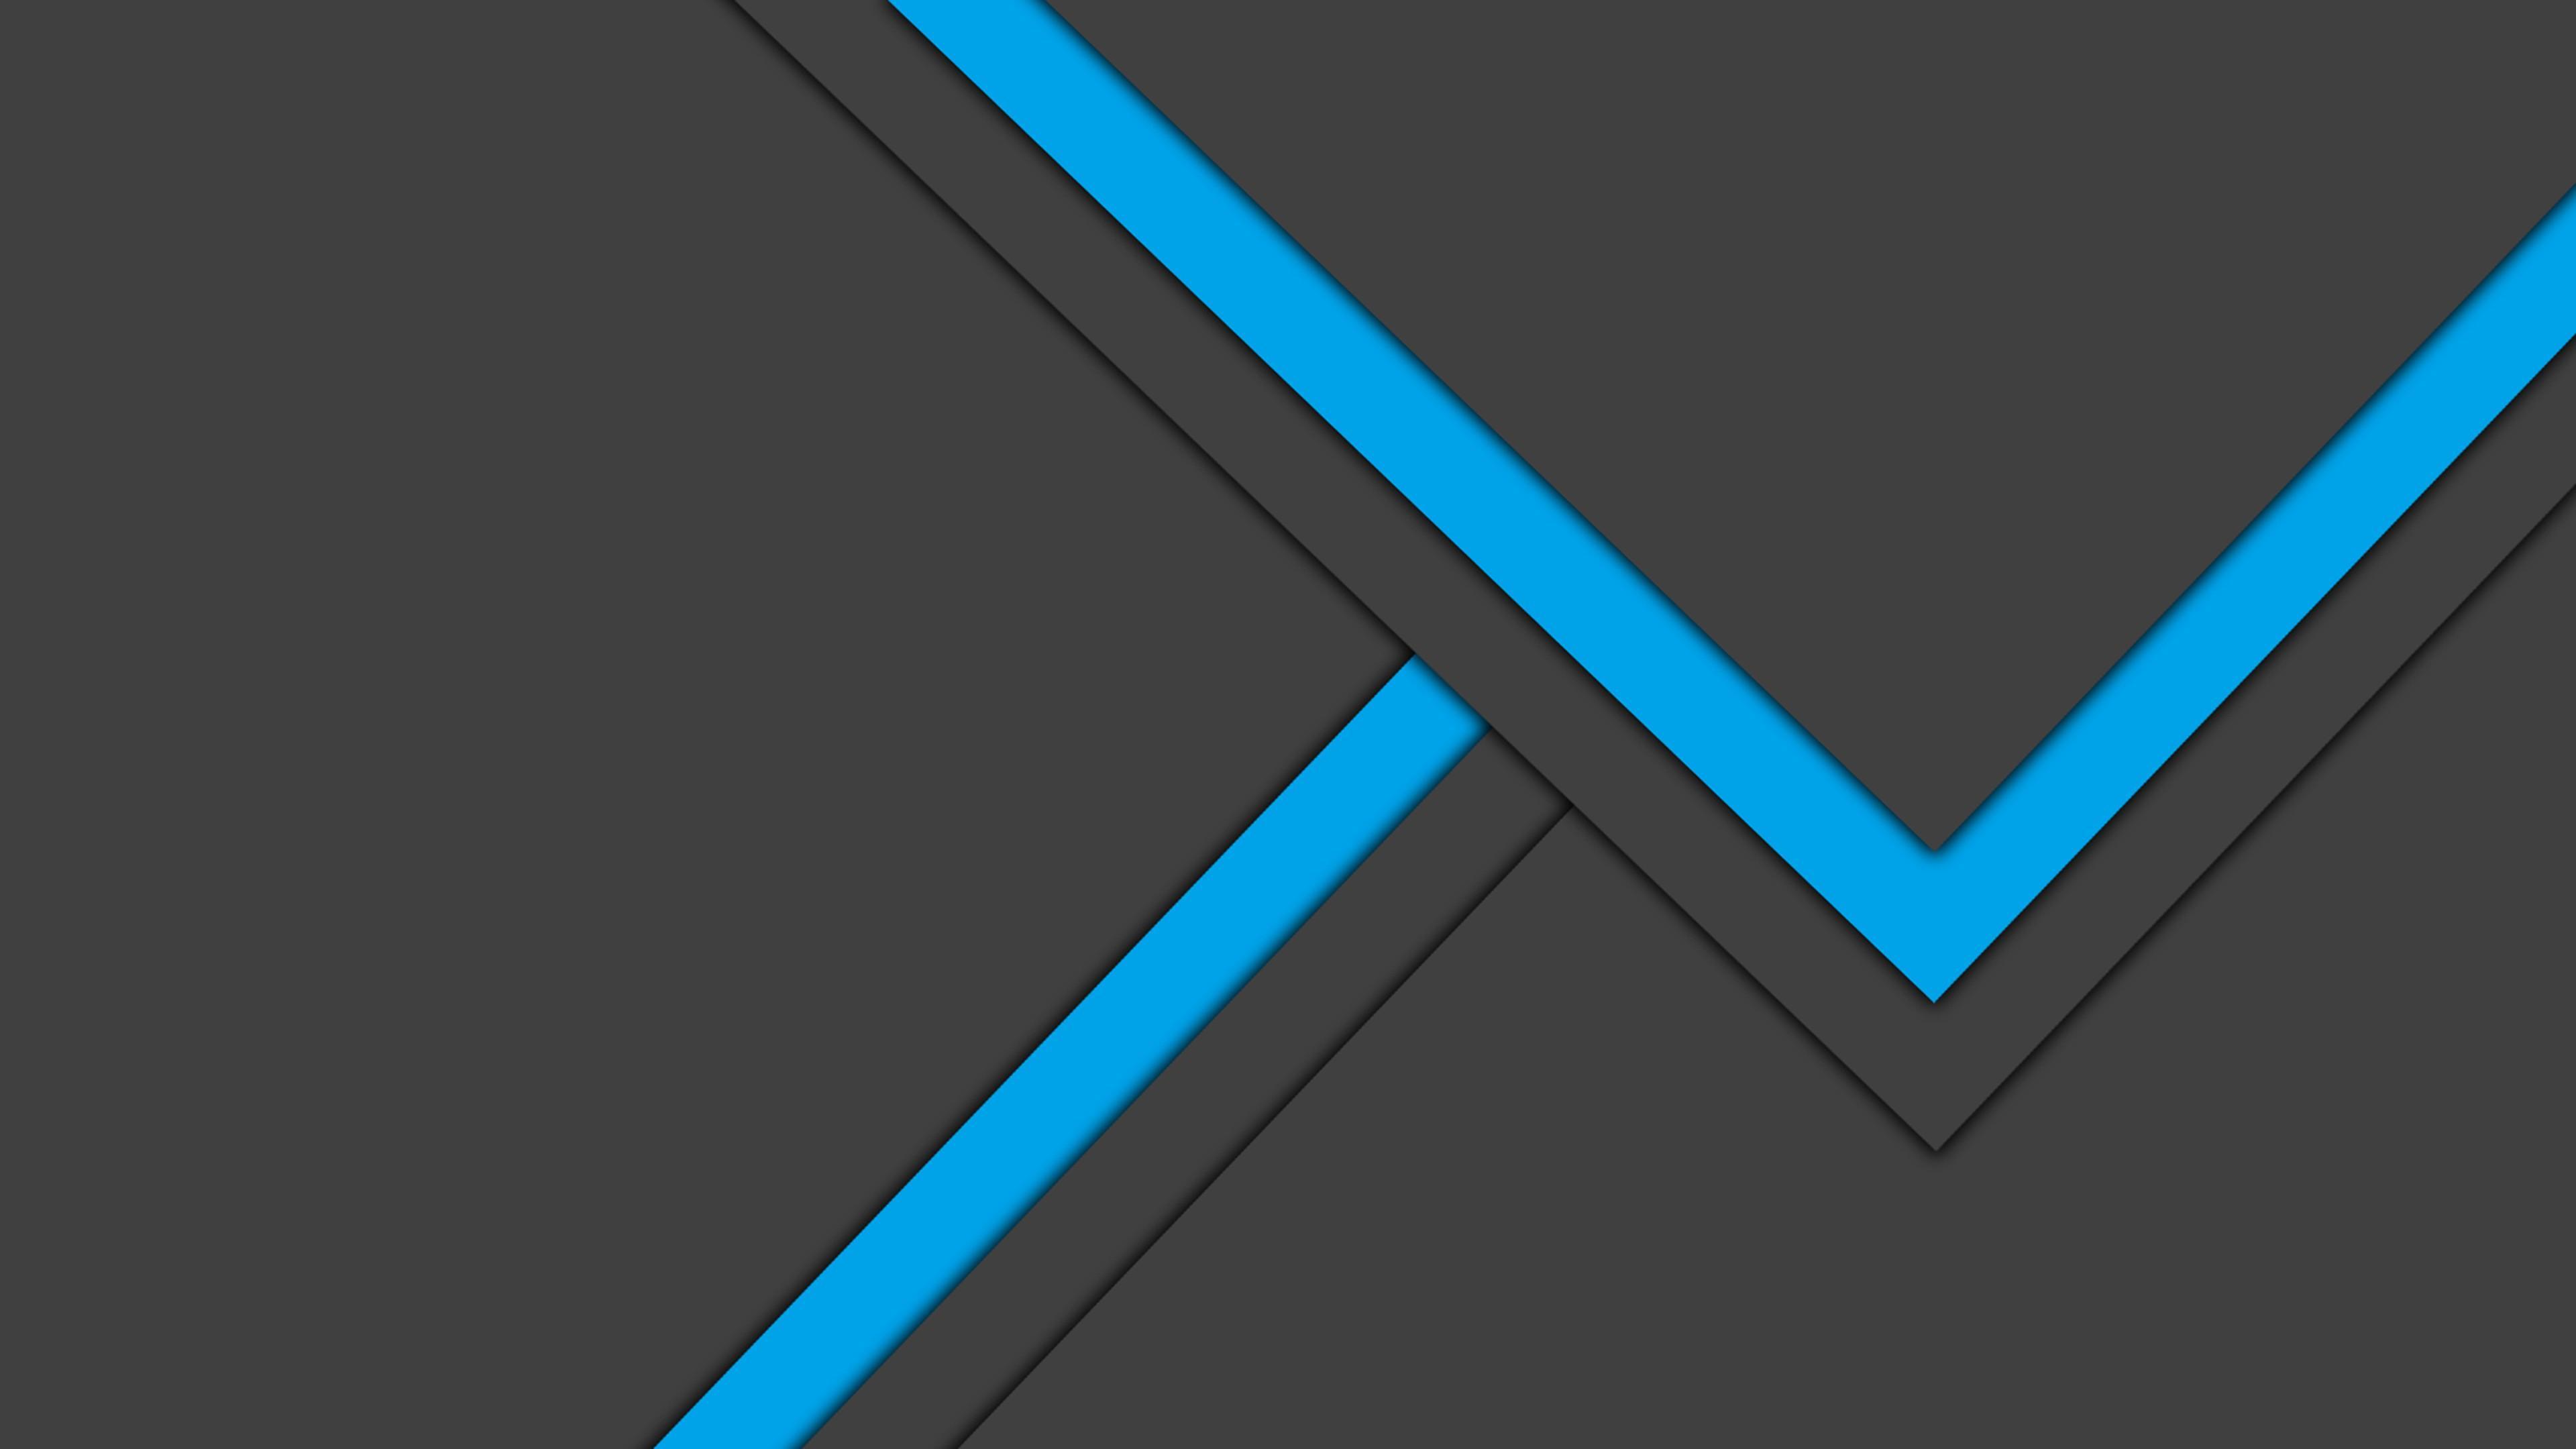 Material design minimal art graphics wallpaper